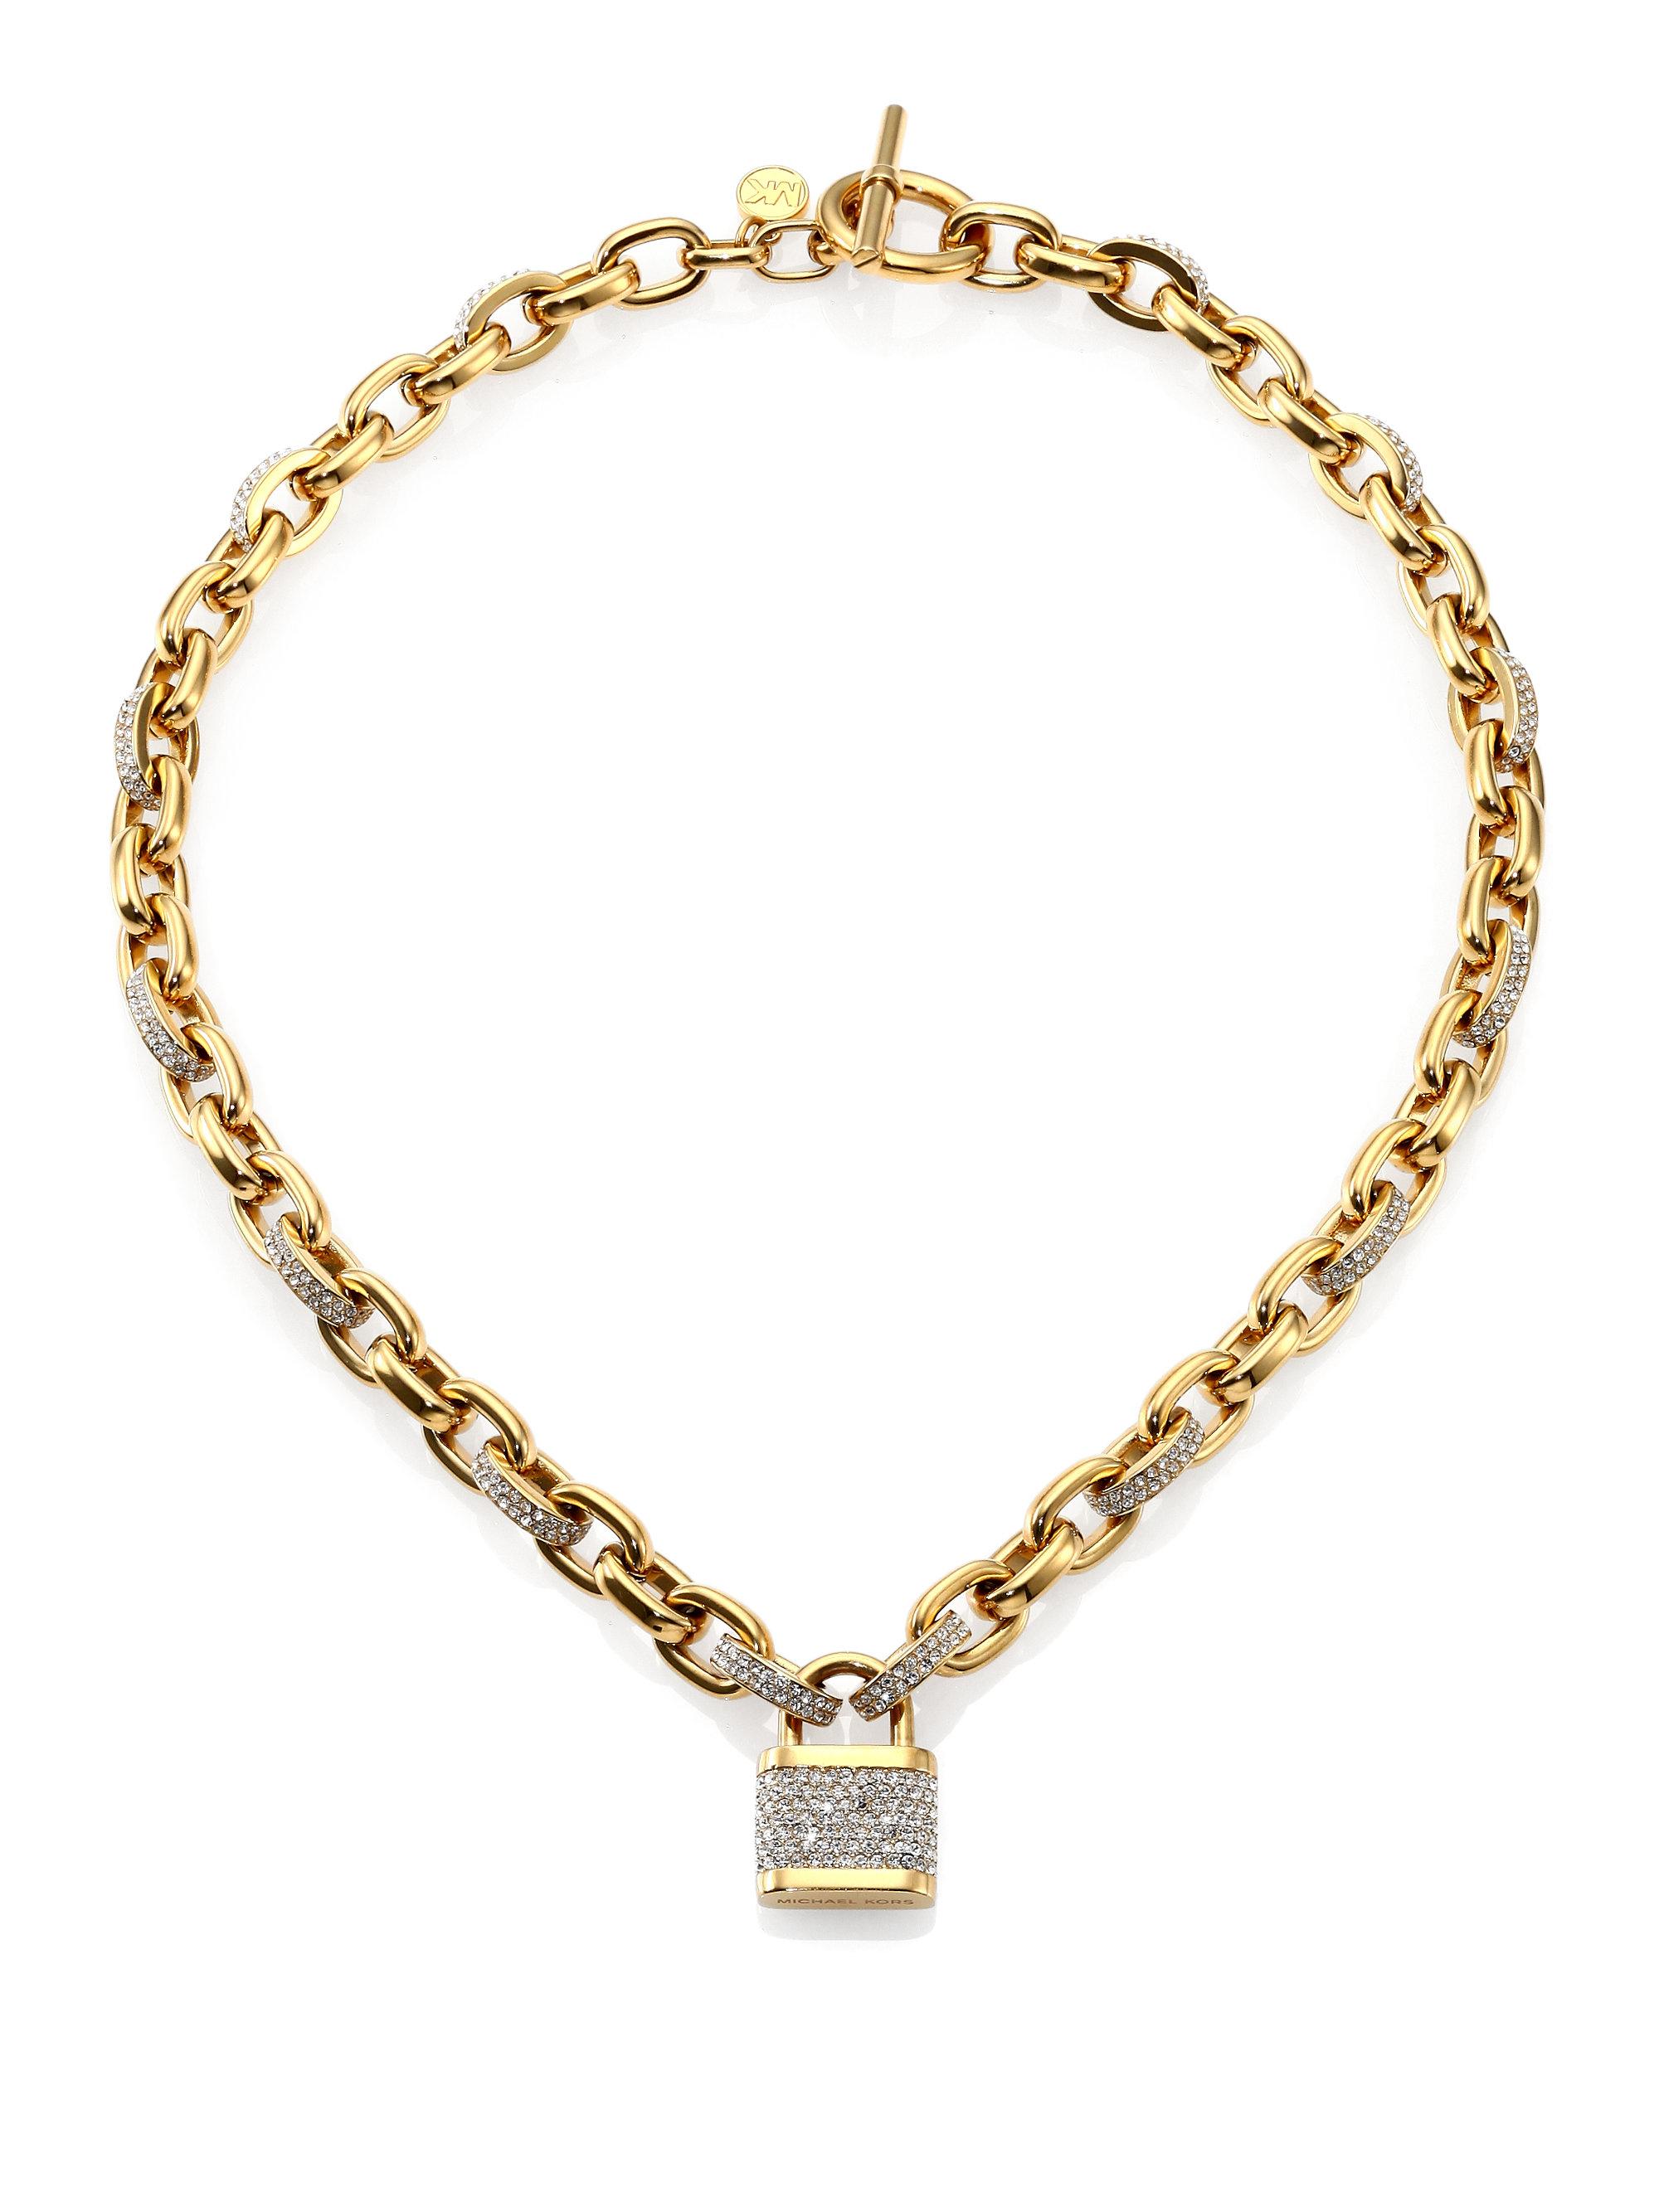 Lyst Michael Kors Motif PavEacute Padlock Chain Necklace